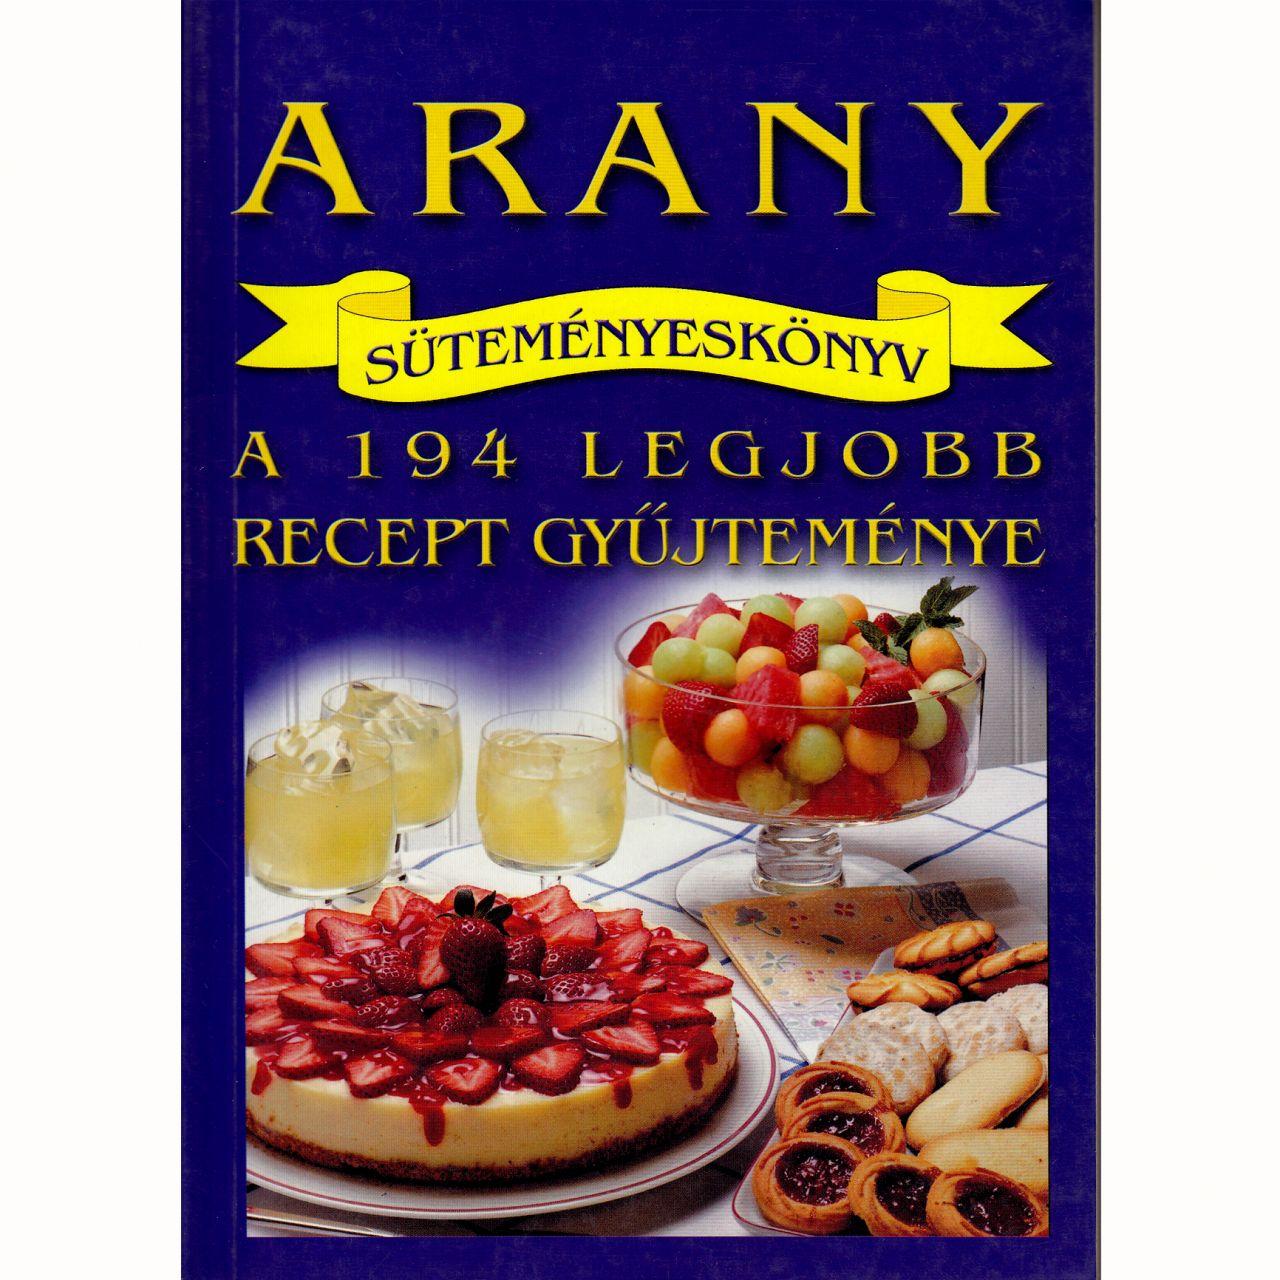 Arany süteményeskönyv: A 194 legjobb recept gyűjteménye (könyv)